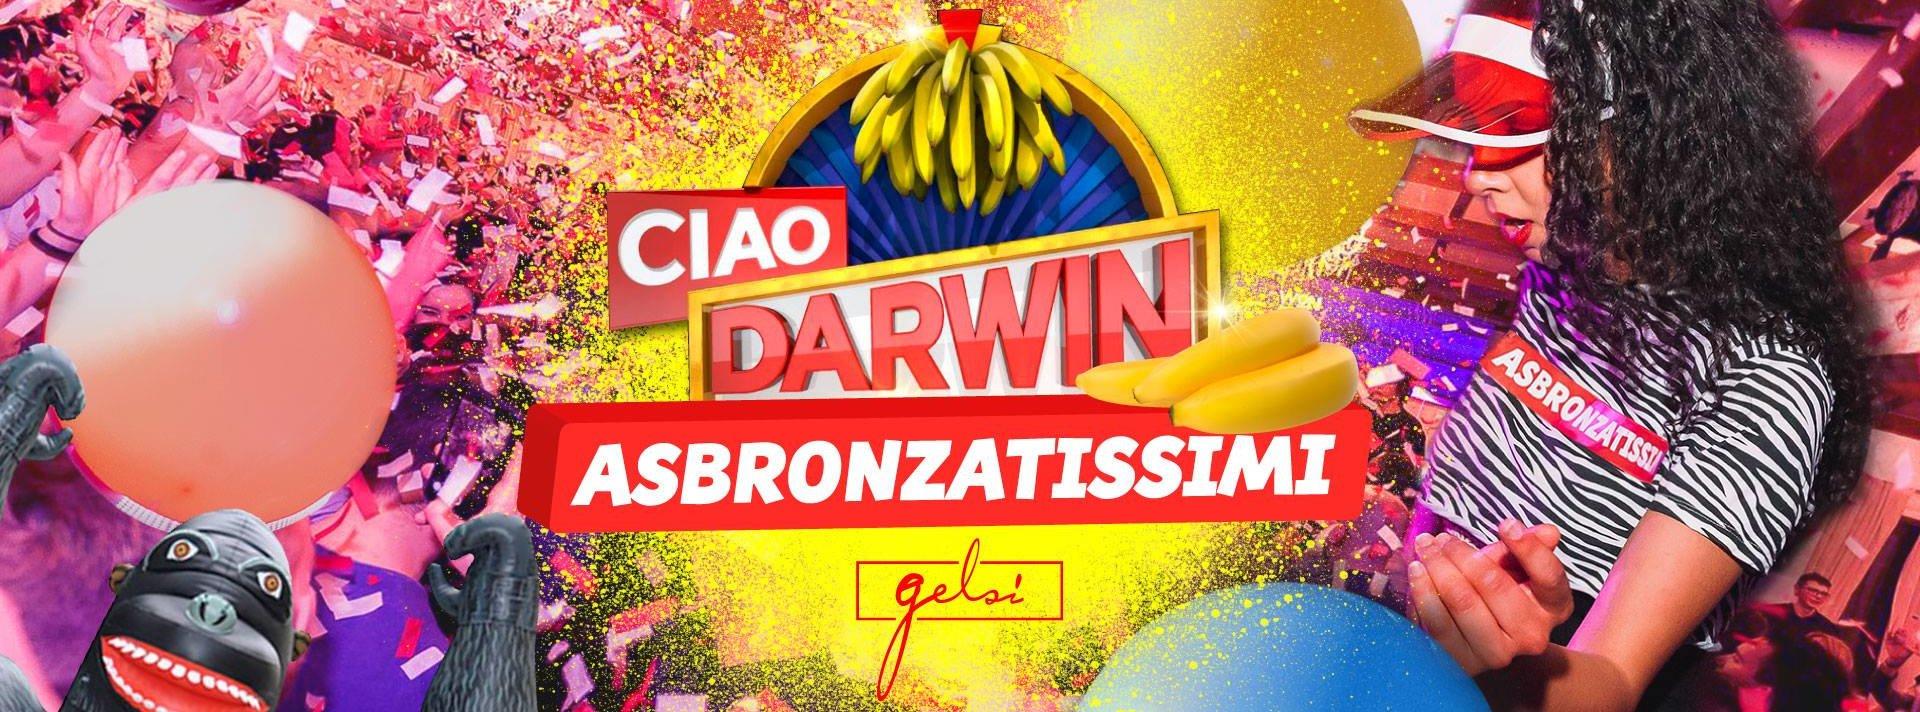 Asbronzatissimi Ciao Darwin